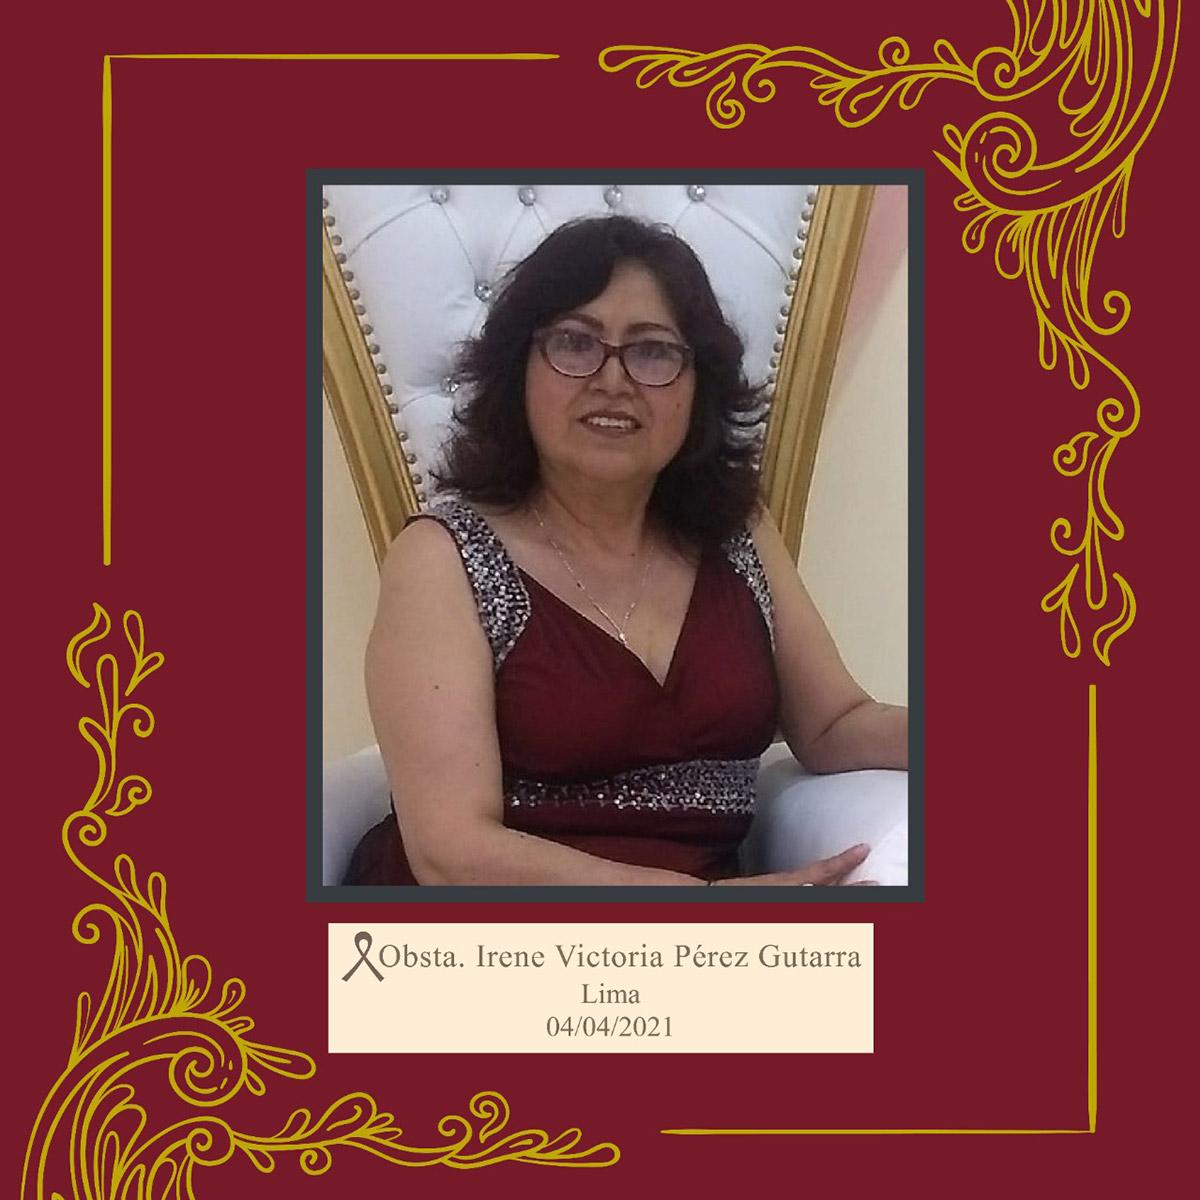 Irene Victoria Pérez Gutarra